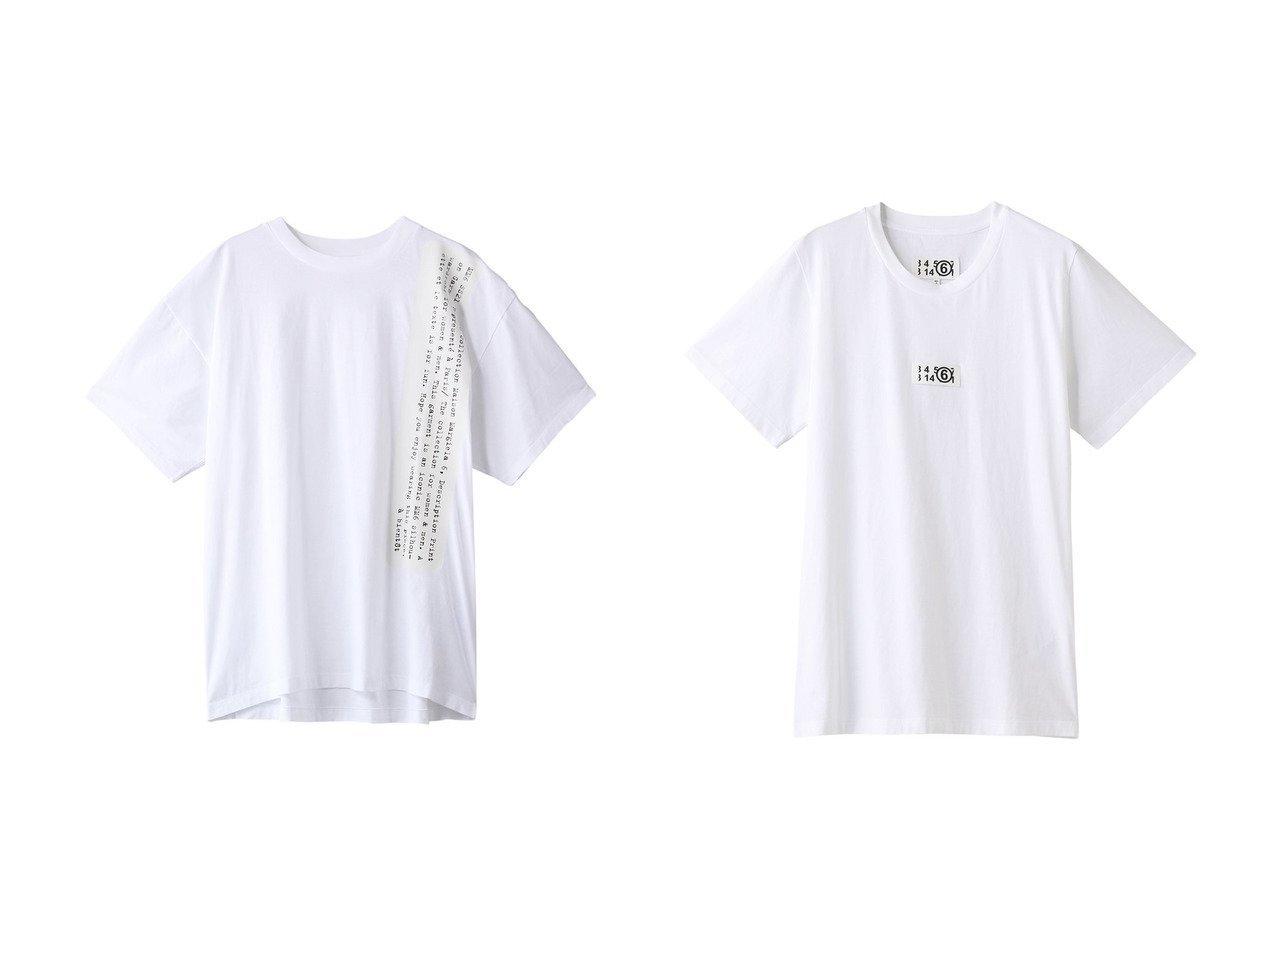 【MM6 Maison Martin Margiela/エムエム6 メゾン マルタン マルジェラ】のベーシックジャージープリントTシャツ&ベーシックジャージータグデザインTシャツ 【トップス・カットソー】おすすめ!人気、トレンド・レディースファッションの通販 おすすめで人気の流行・トレンド、ファッションの通販商品 メンズファッション・キッズファッション・インテリア・家具・レディースファッション・服の通販 founy(ファニー) https://founy.com/ ファッション Fashion レディースファッション WOMEN トップス・カットソー Tops/Tshirt シャツ/ブラウス Shirts/Blouses ロング / Tシャツ T-Shirts カットソー Cut and Sewn なめらか ショルダー ショート スリーブ トレンド プリント シンプル フロント |ID:crp329100000035585